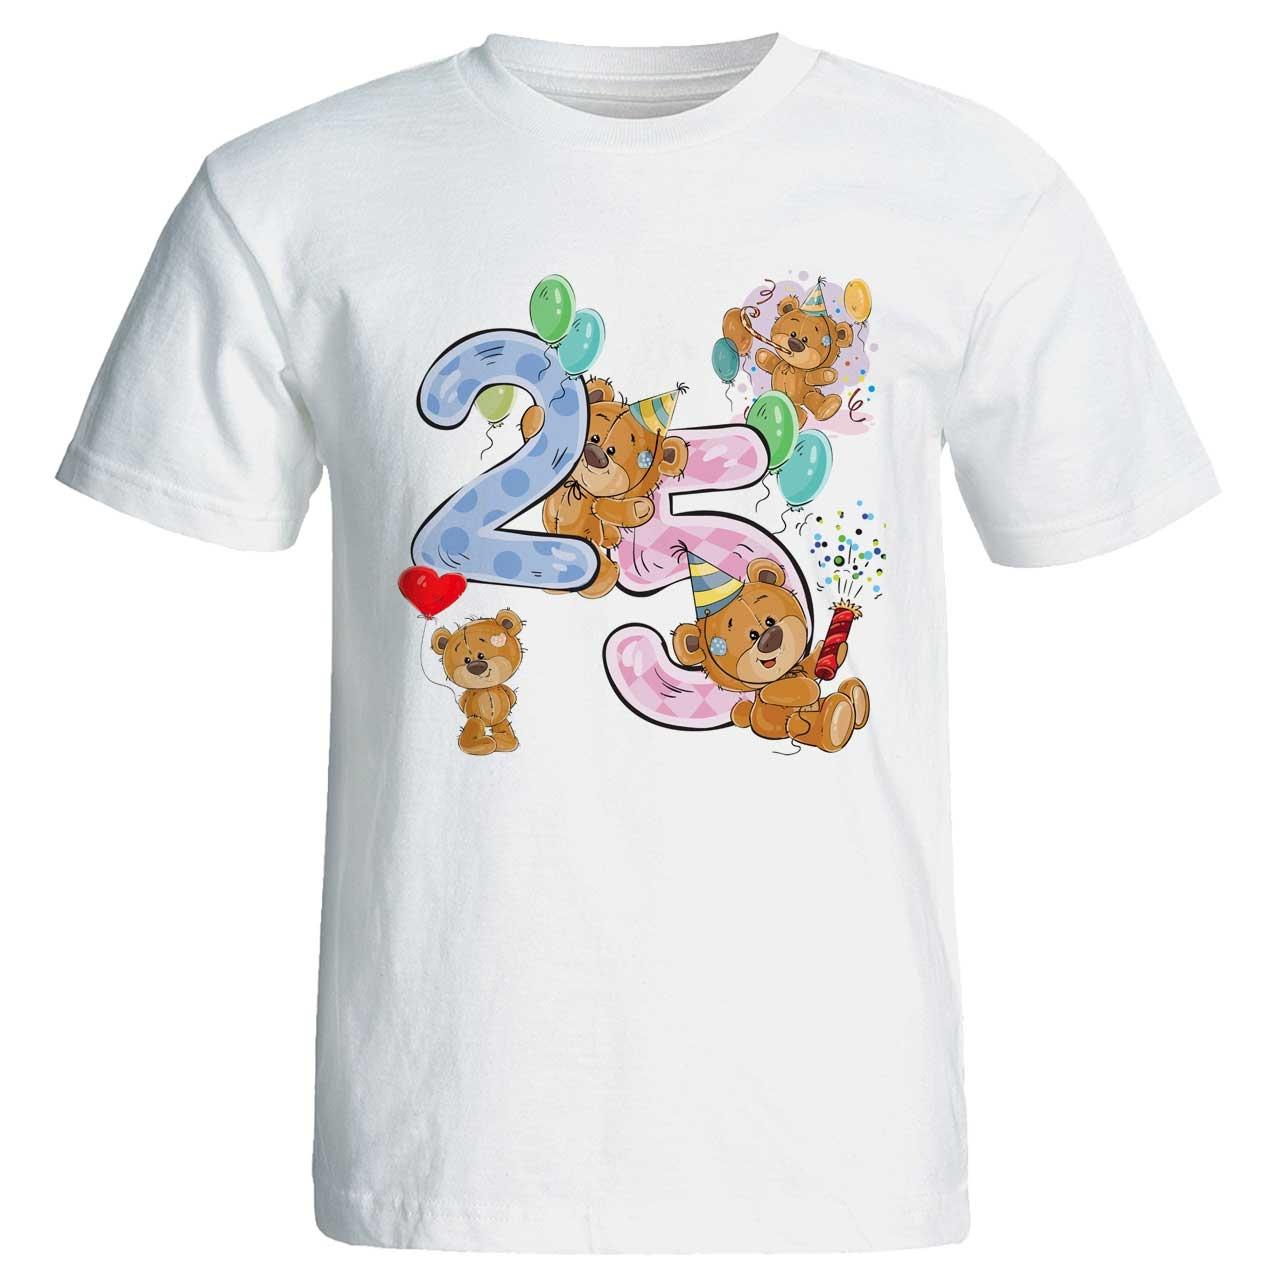 تی شرت آستین کوتاه مارس طرح تولد بیست و پنج سالگی کد 3525